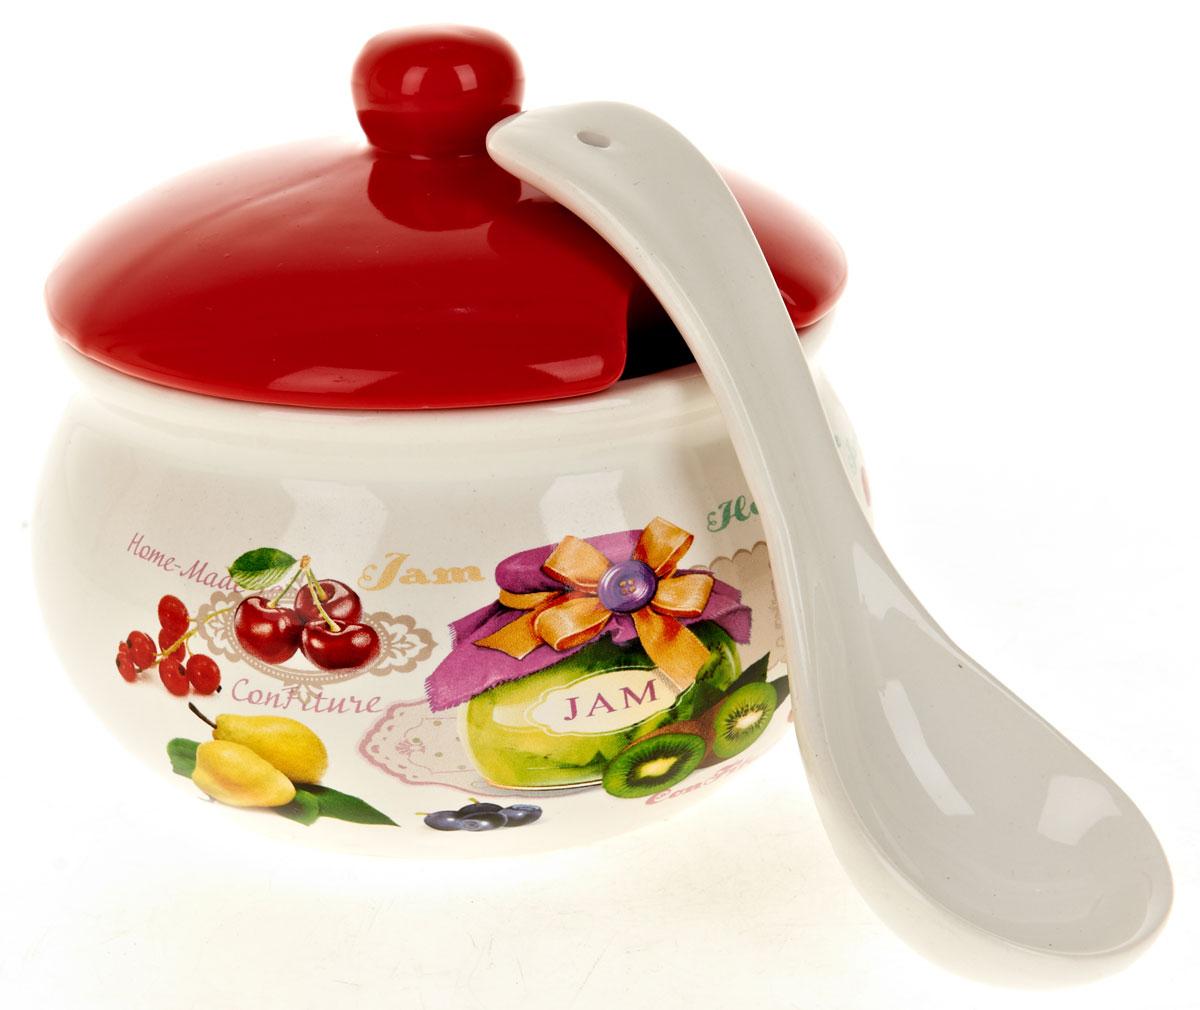 Сахарница ENS Group Джем, с ложкой, 800 млL2430679Сахарница Джем с крышкой и ложкой изготовлена из керамики и украшена ярким рисунком. Емкость универсальна, подойдет как для сахара, так и для специй или меда. Можно мыть в посудомоечной машине.